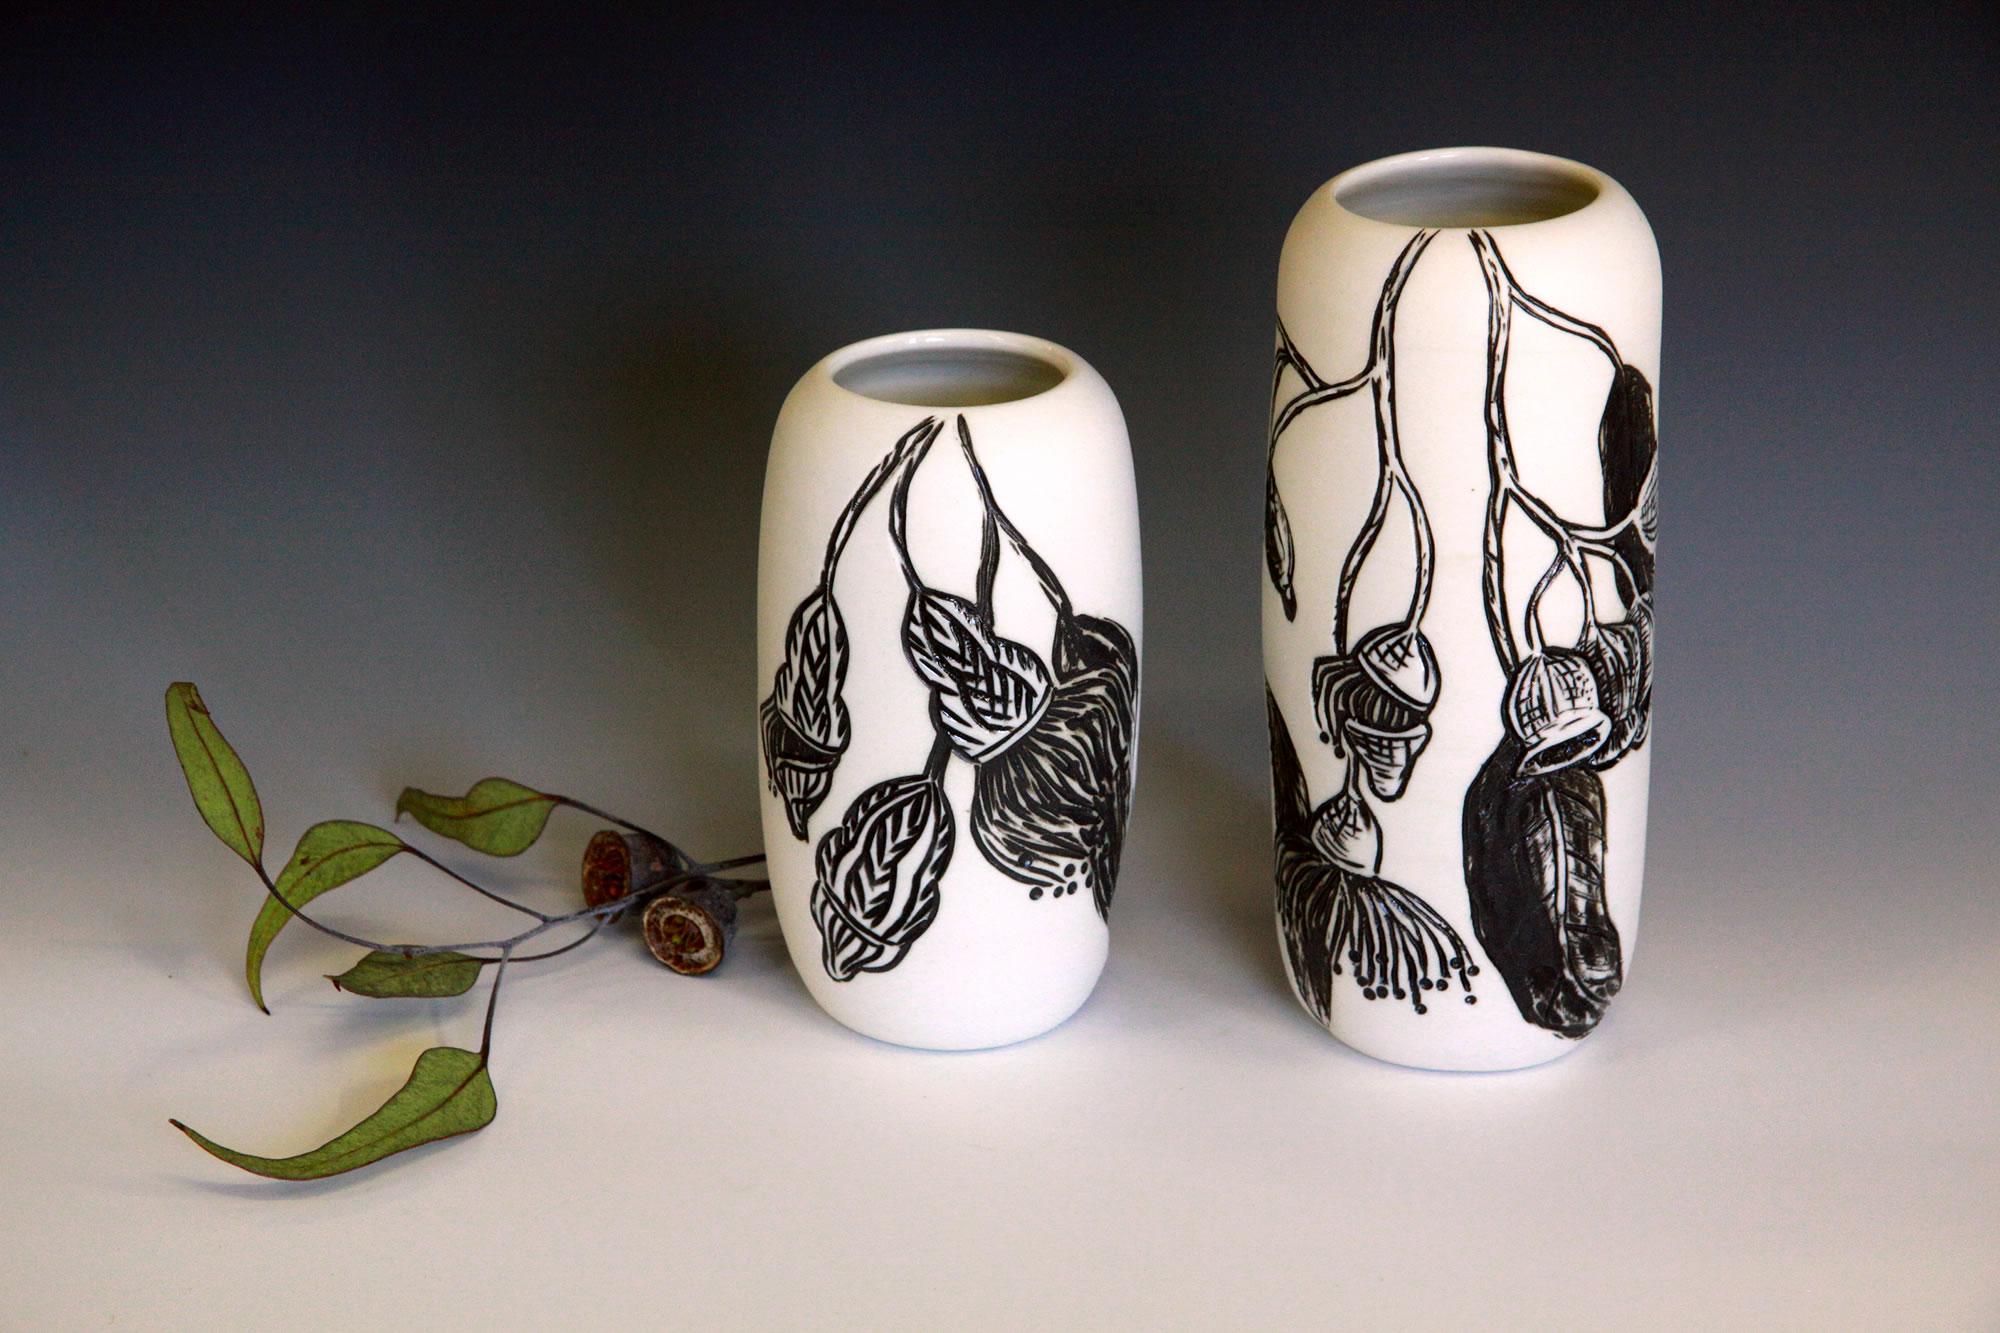 DW-eucalyptus-design-vases-porcelain.jpg